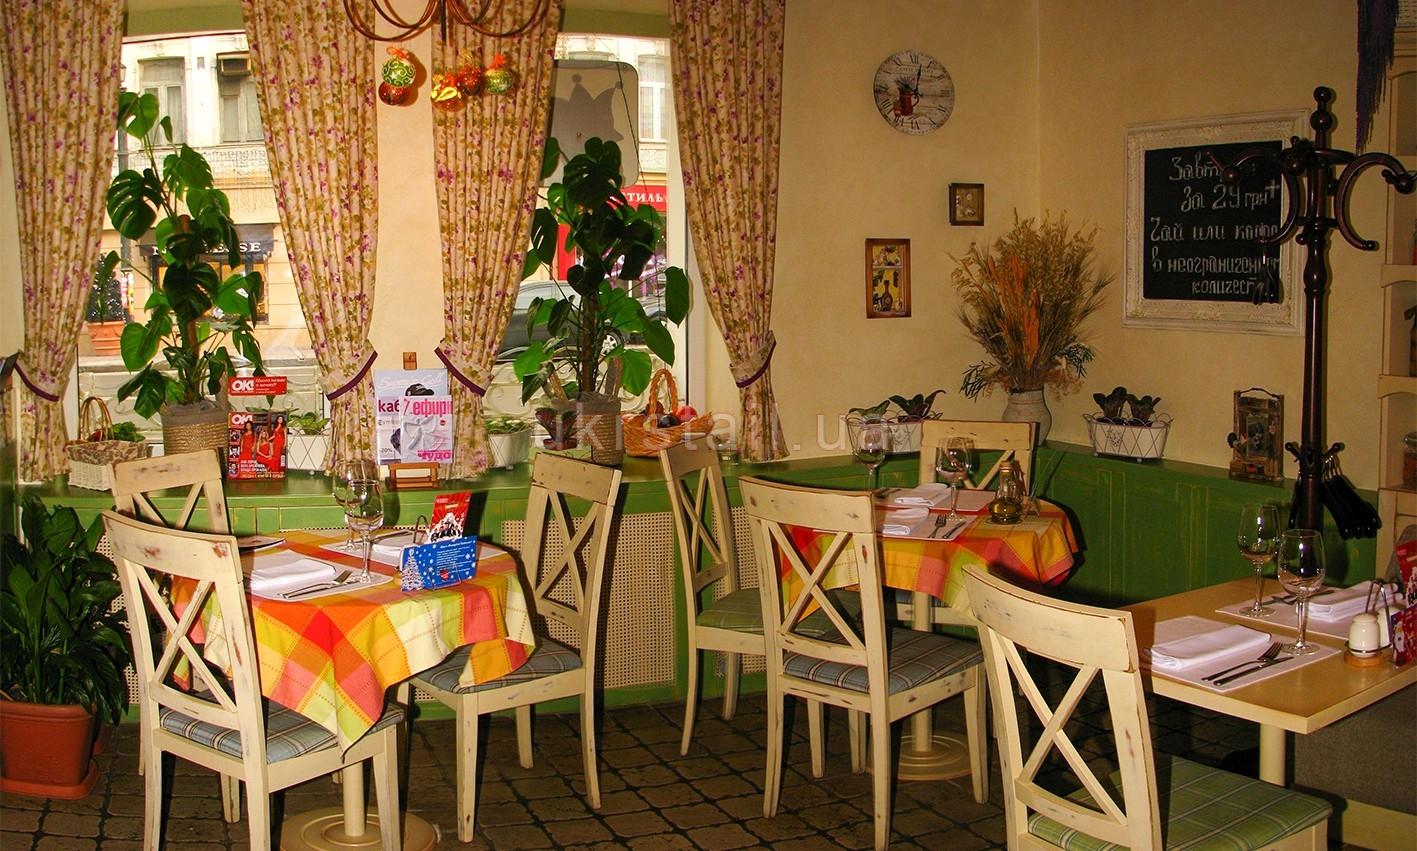 Мебель ресторана Месье Оливье Киев 02